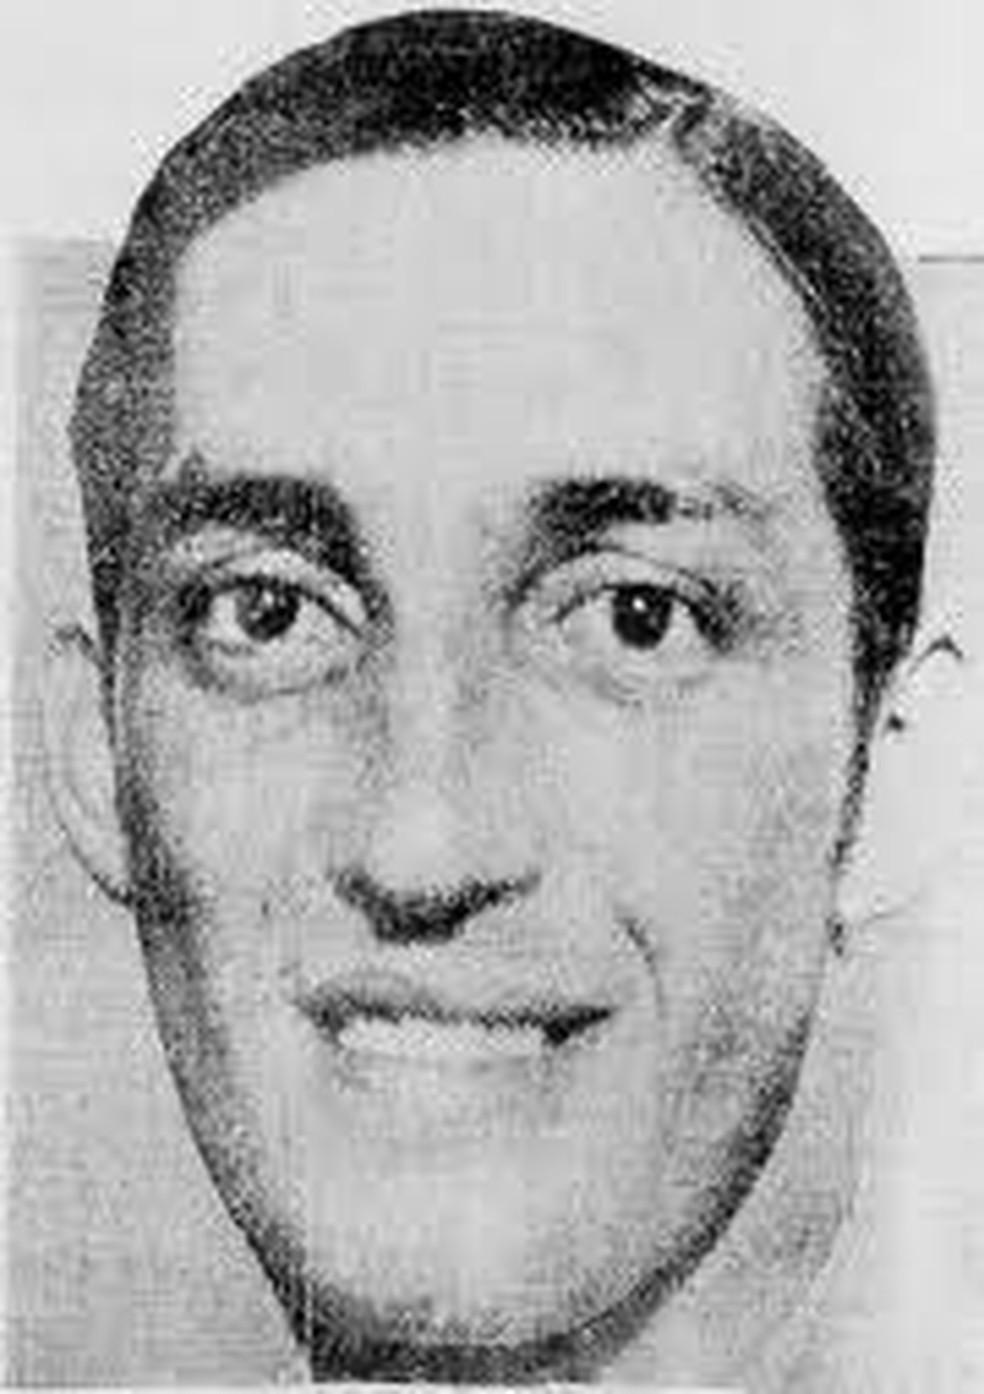 Amado Benigno era goleiro do Flamengo na década de 20 e 30 (Foto: Reprodução)